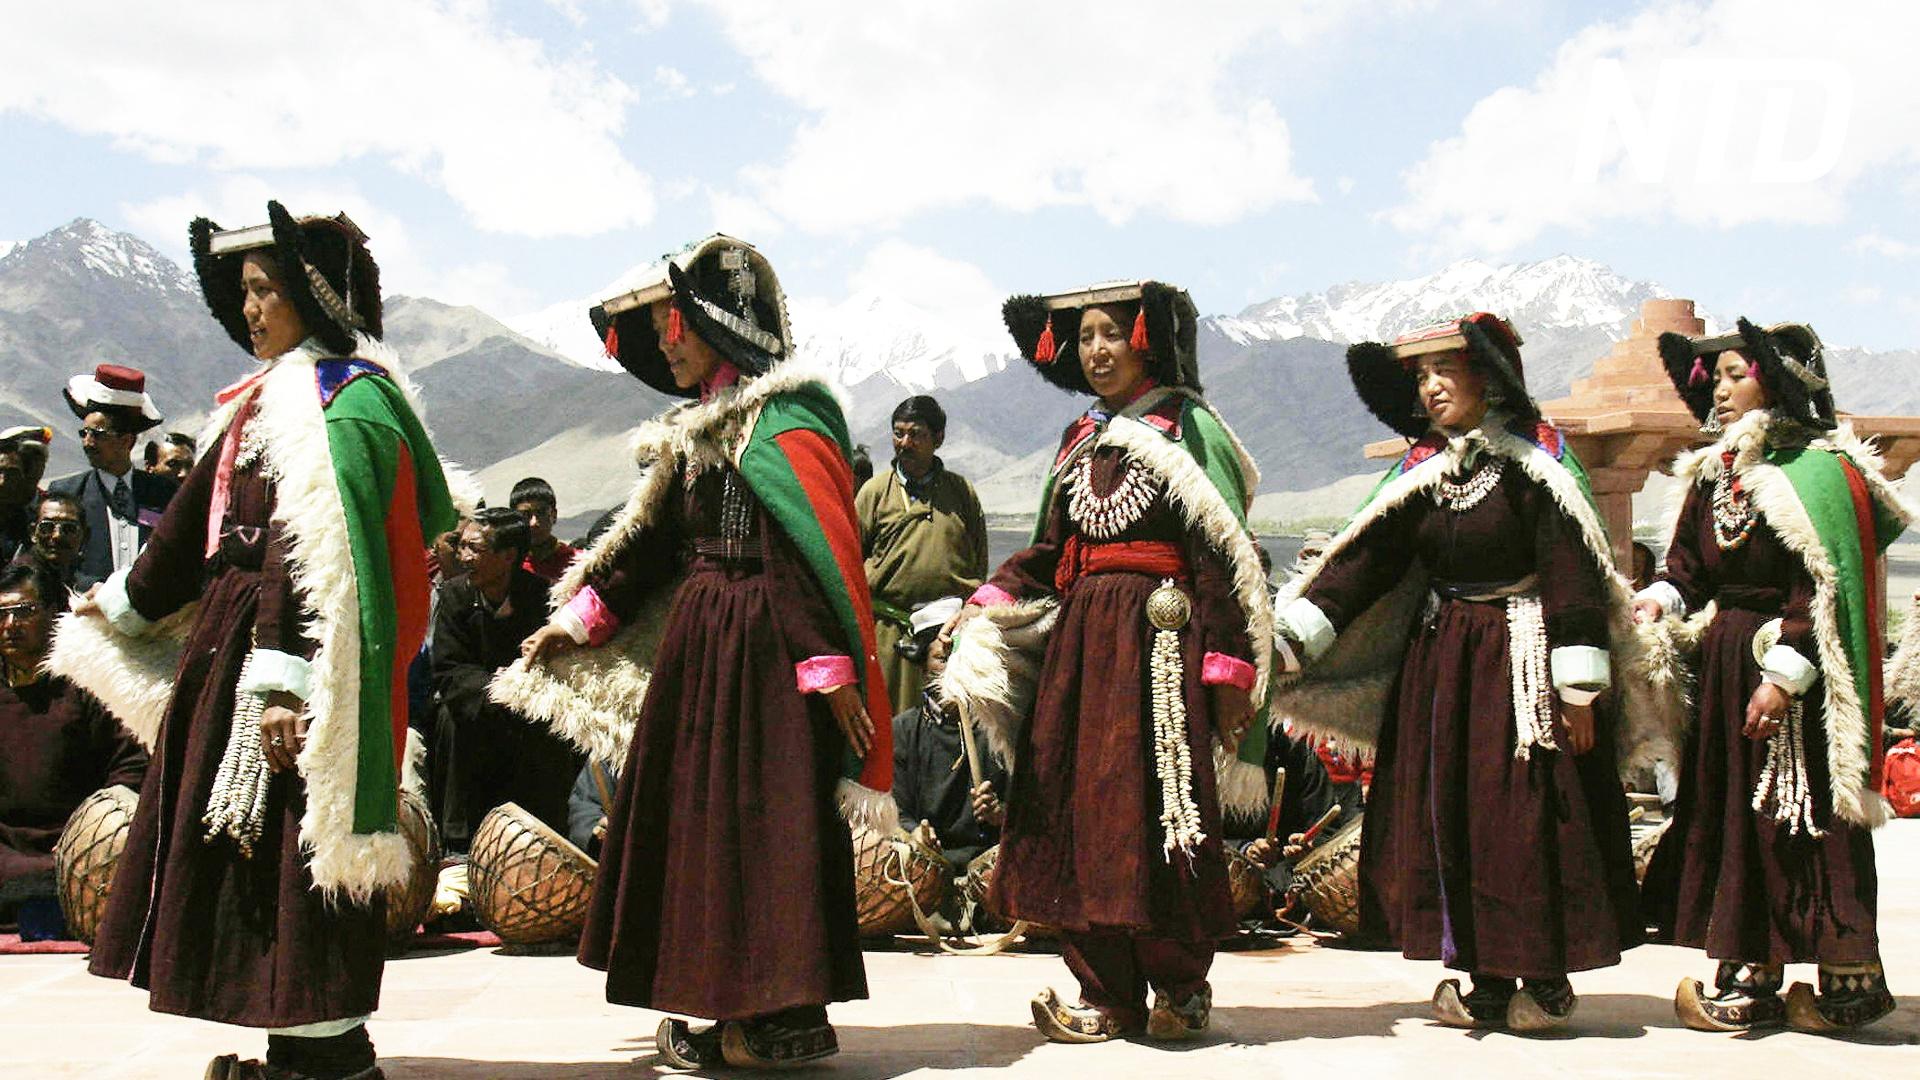 Как жили кочевники в Ладакхе, показали на фестивале в Индии